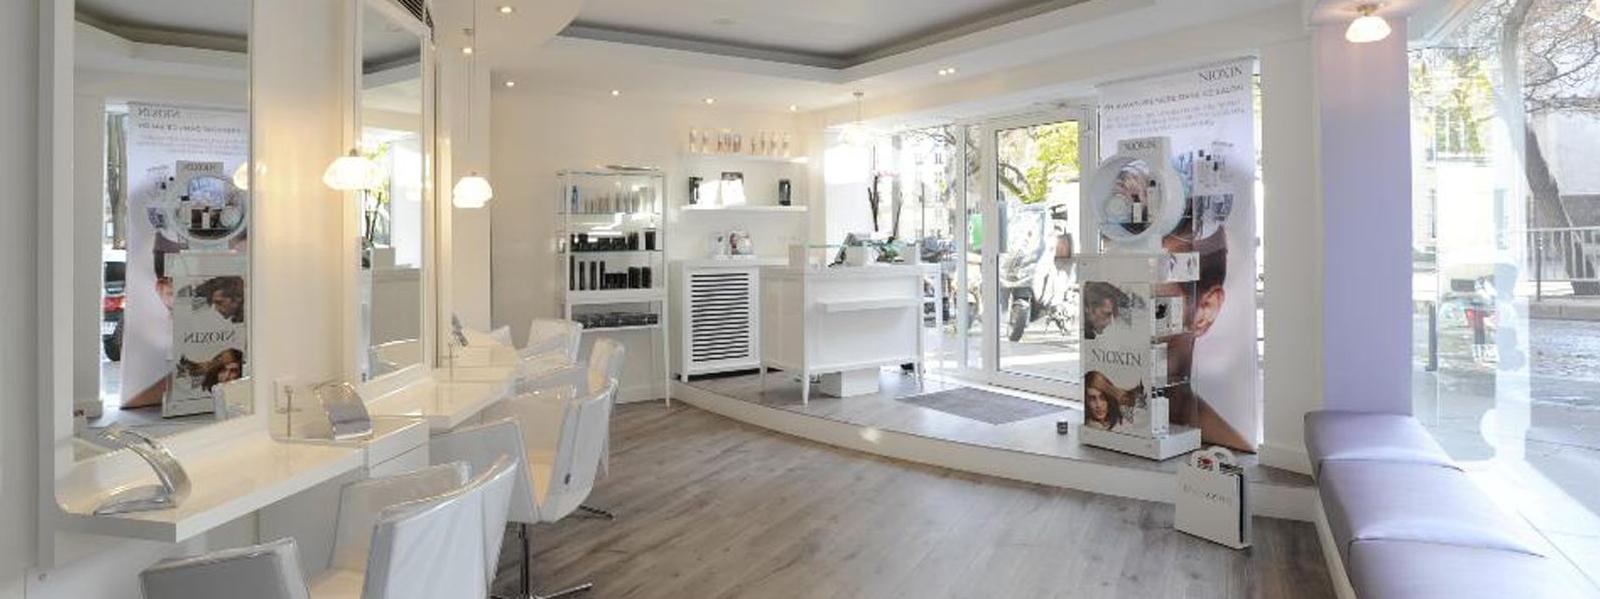 Laure gabillet : salon coiffure paris 16ème